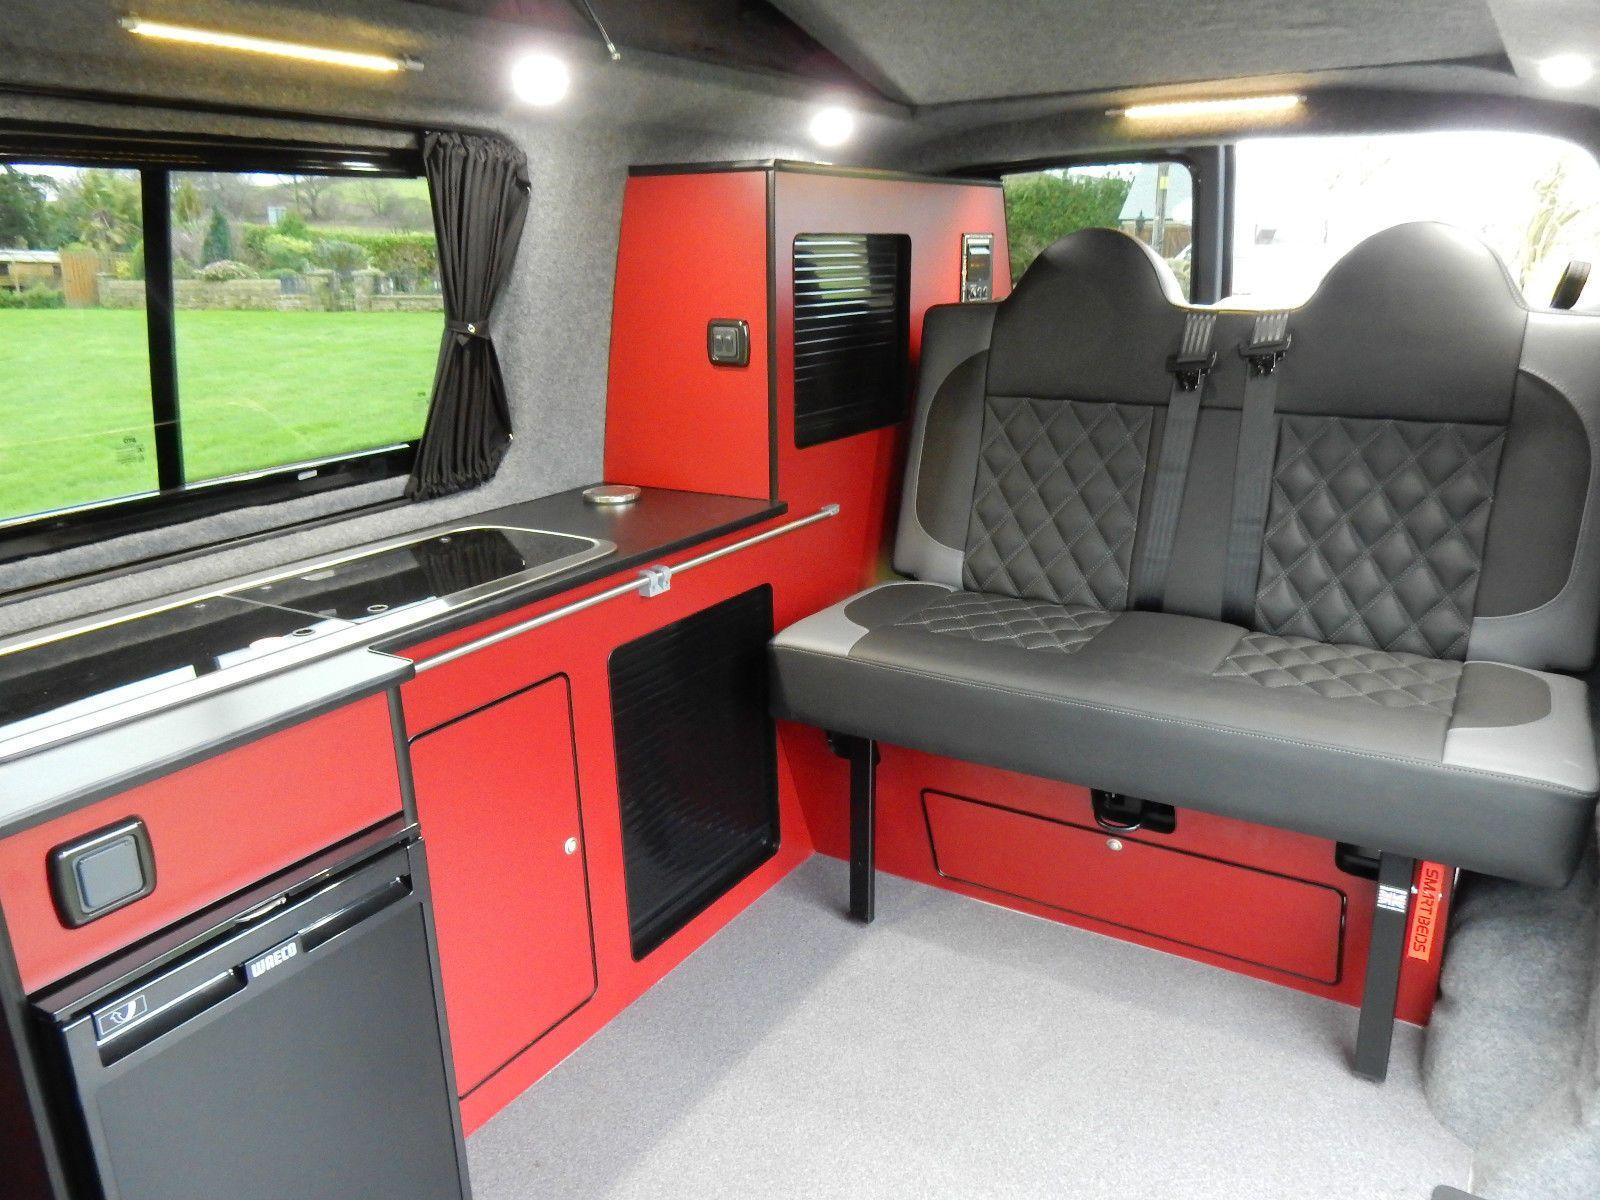 details about new 65 reg vw transporter t6 swb 102ps. Black Bedroom Furniture Sets. Home Design Ideas